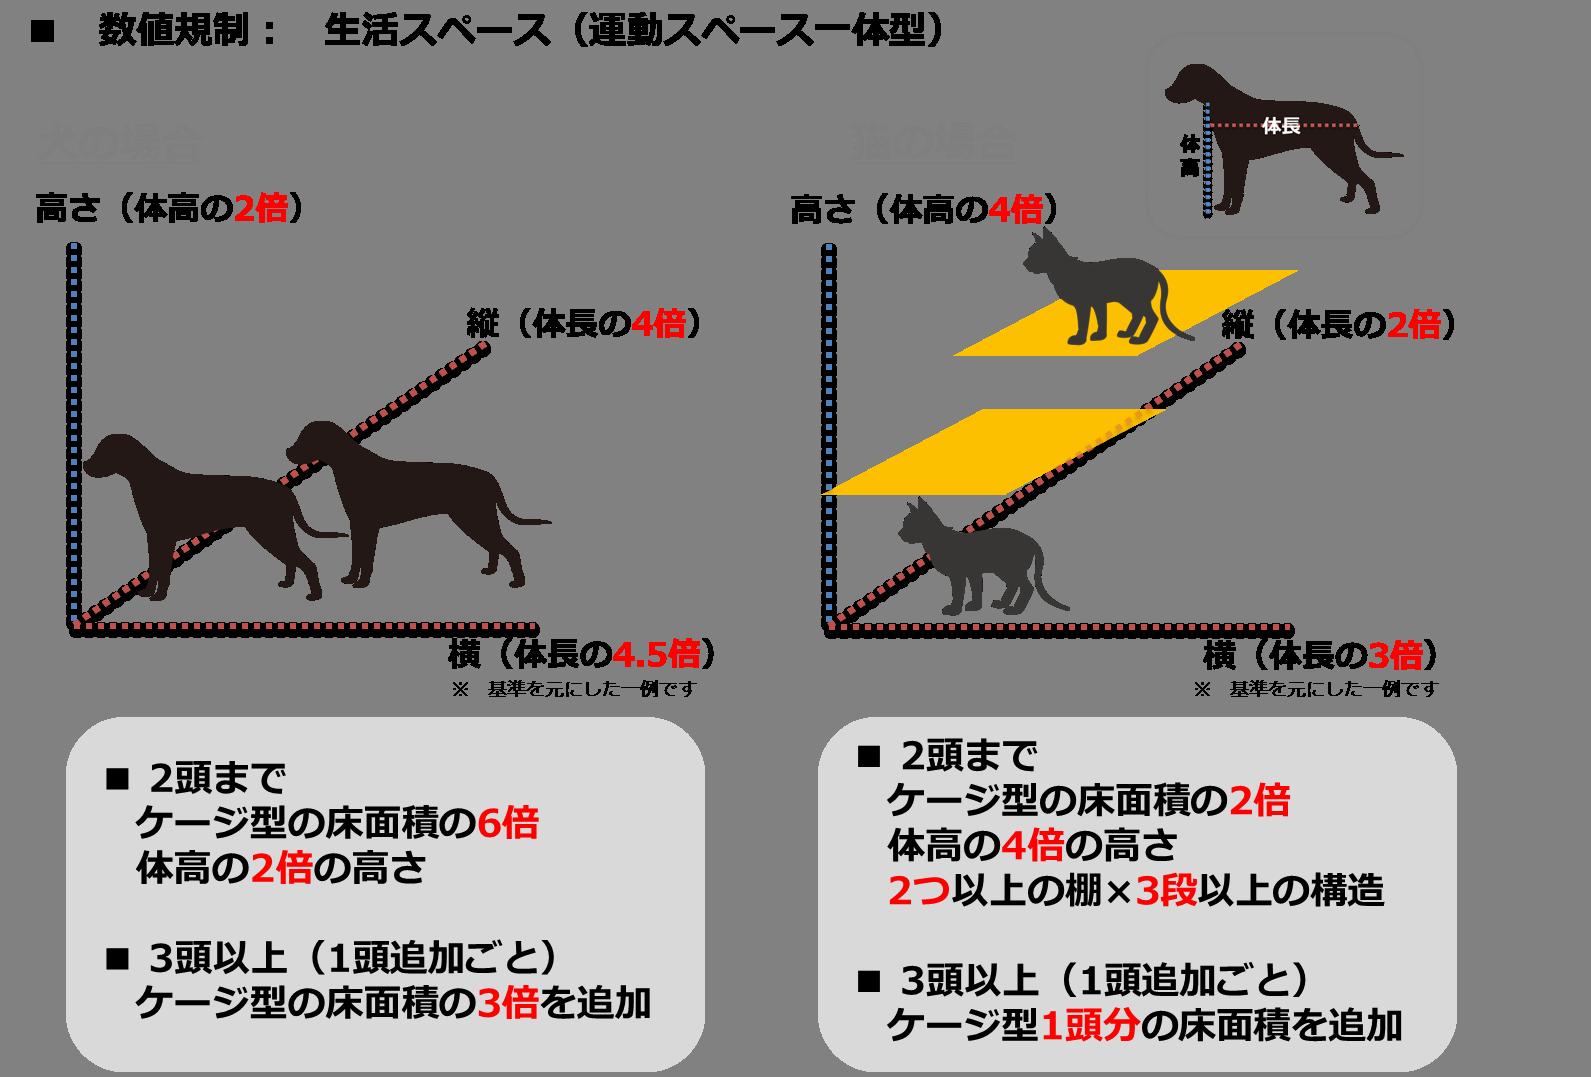 数値規制(ケージ型